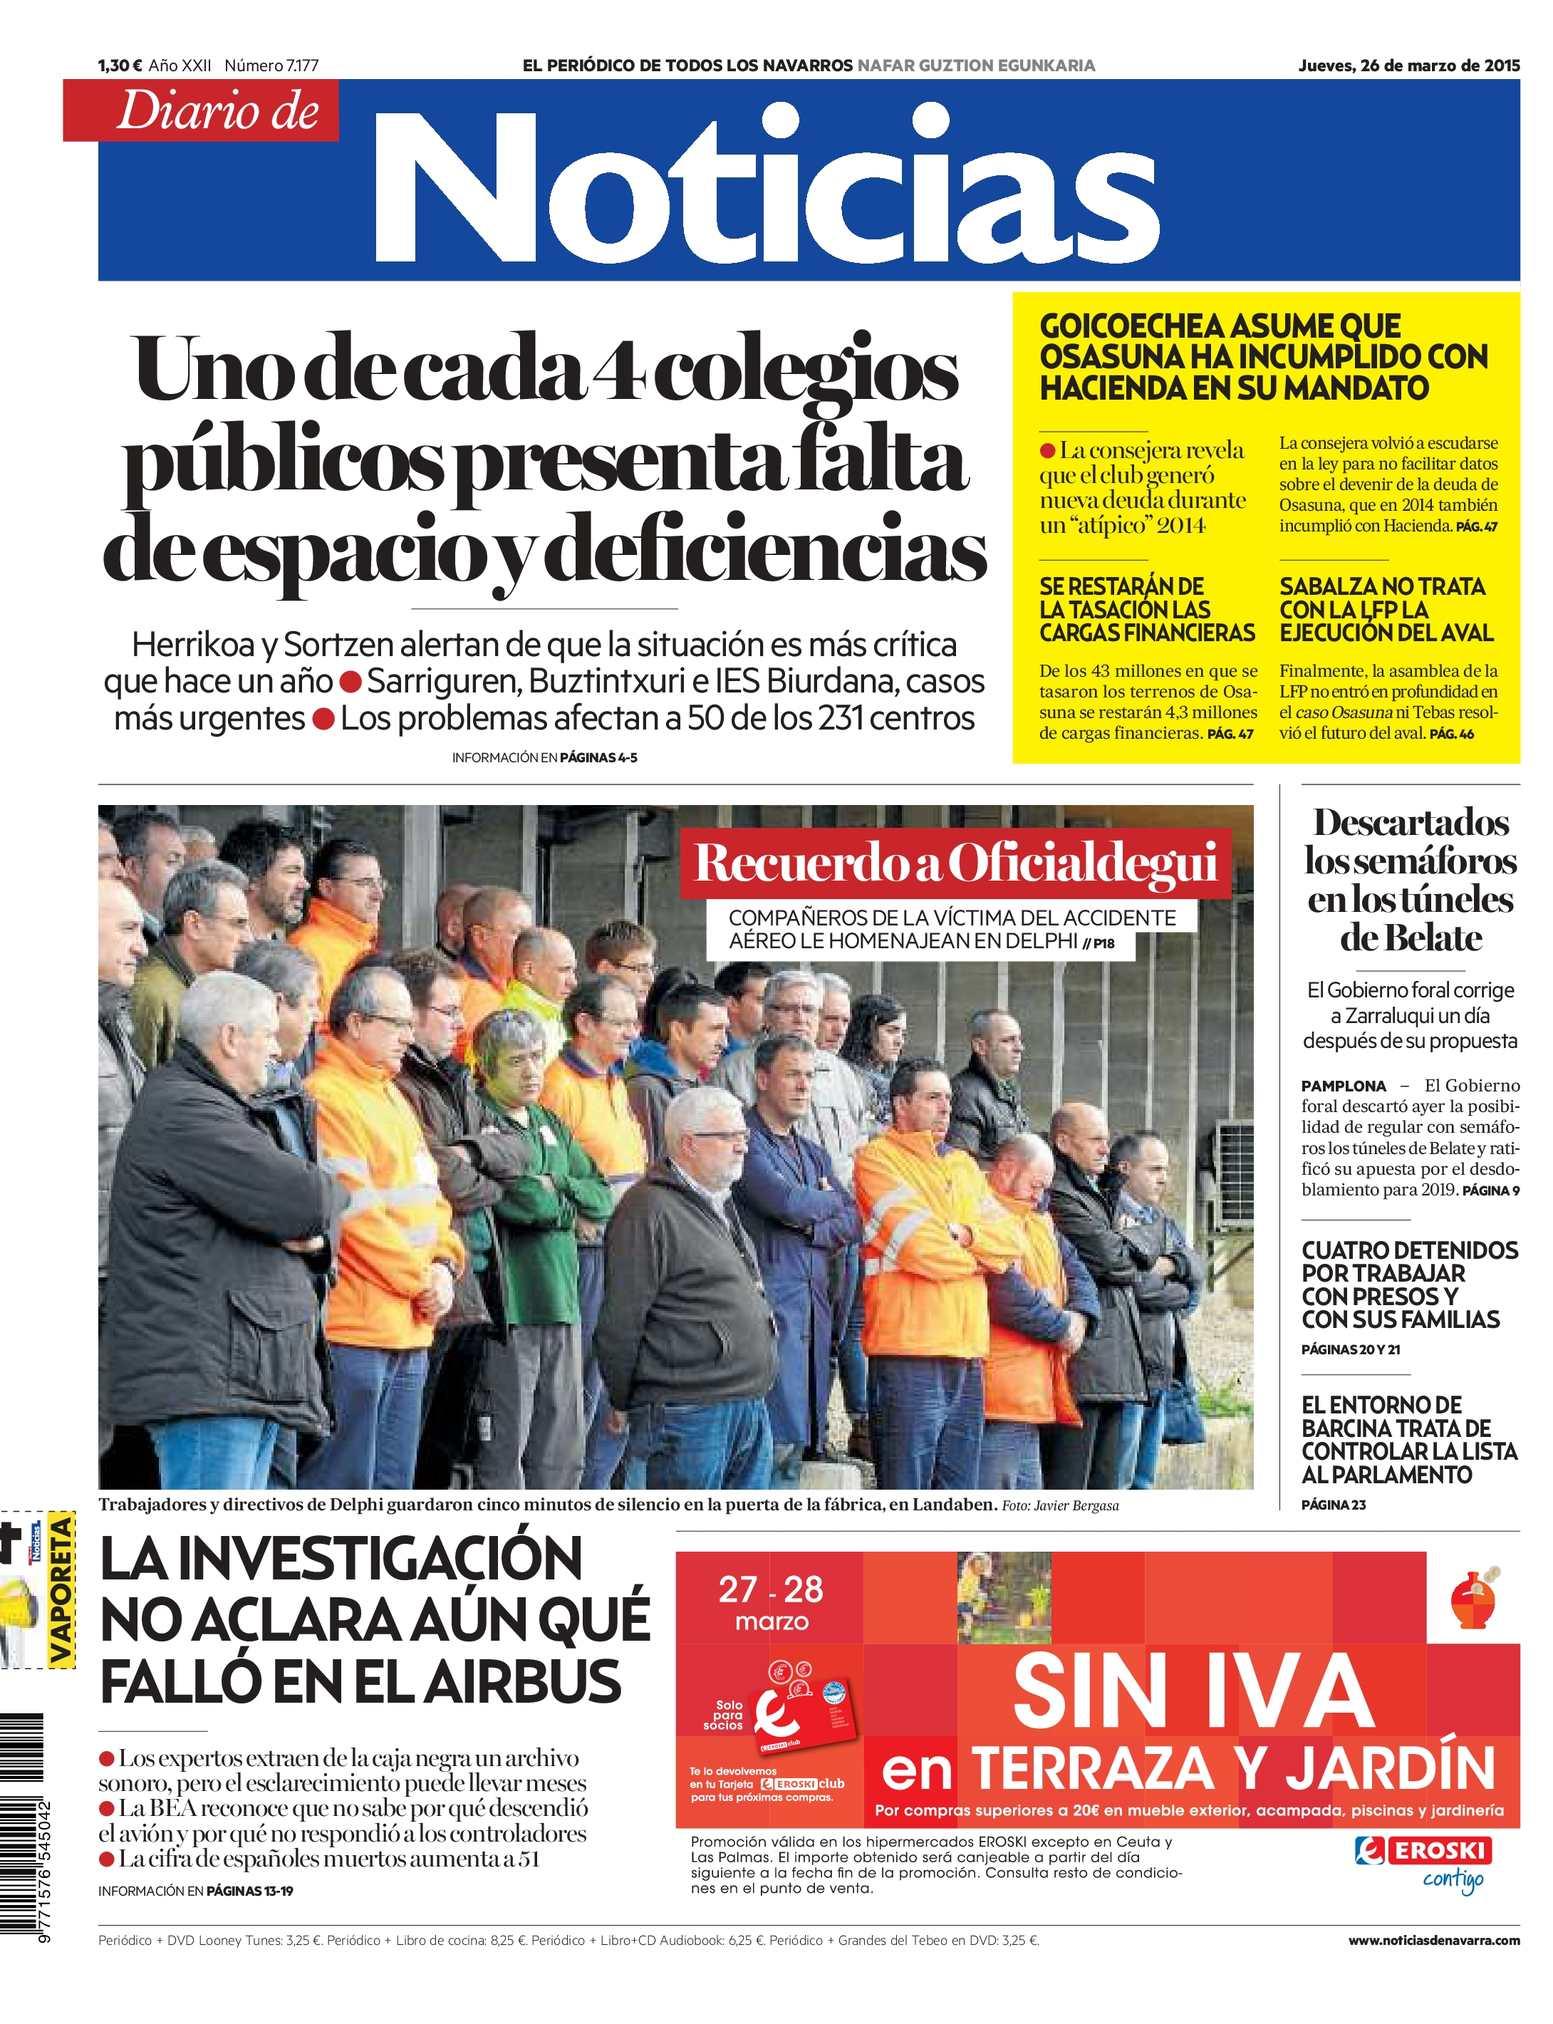 Calaméo - Diario de Noticias 20150326